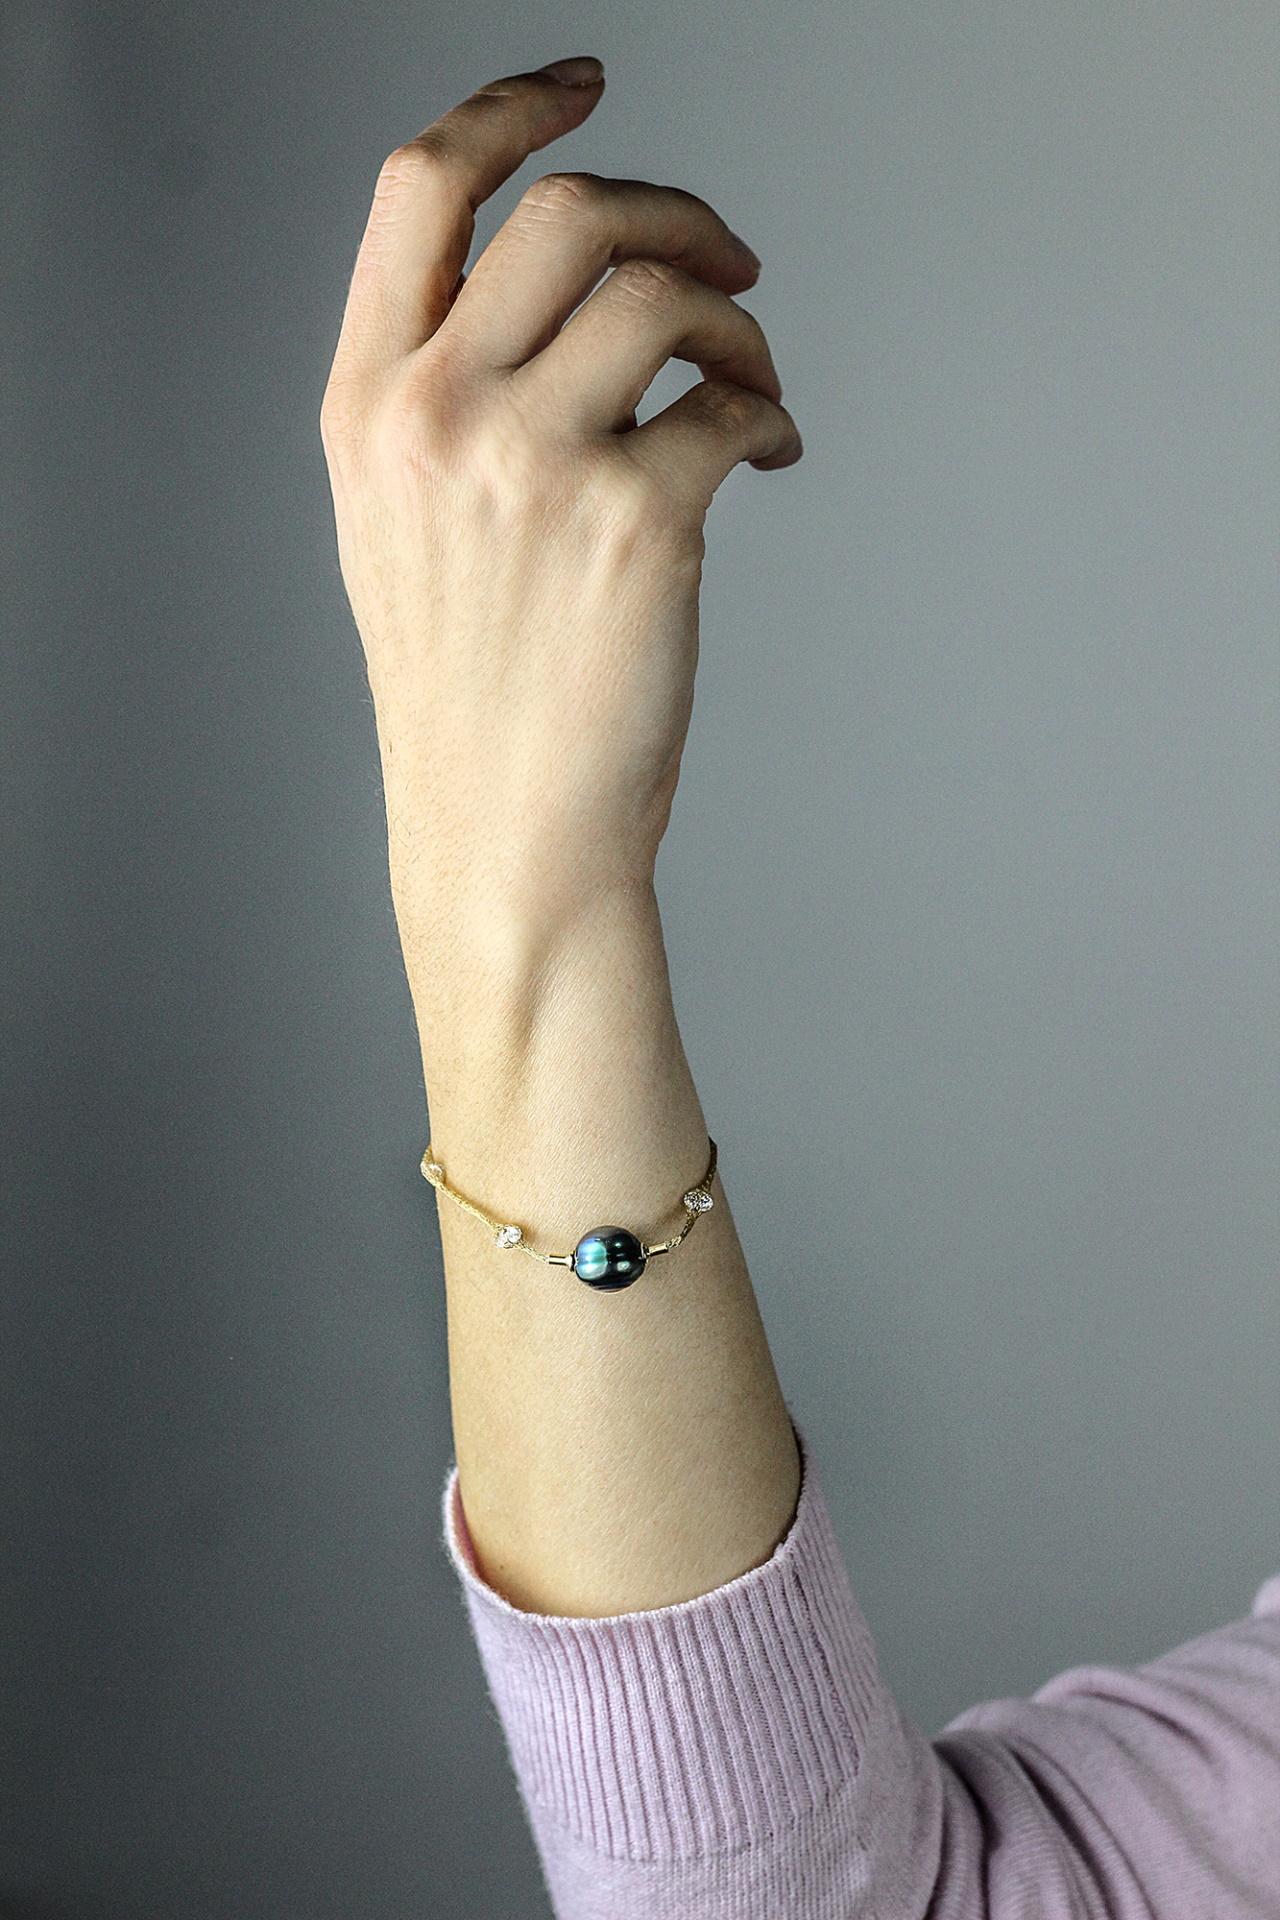 BRAC01 BRACCIALE DORATO CON 1 PERLA NATURALE BAROCCA DI TAHITI 1 1stAmerican jewerly bracciale dorato con 1 perla naturale barocca di tahiti Ø12x13mm e zirconi con chiusura in argento ag925